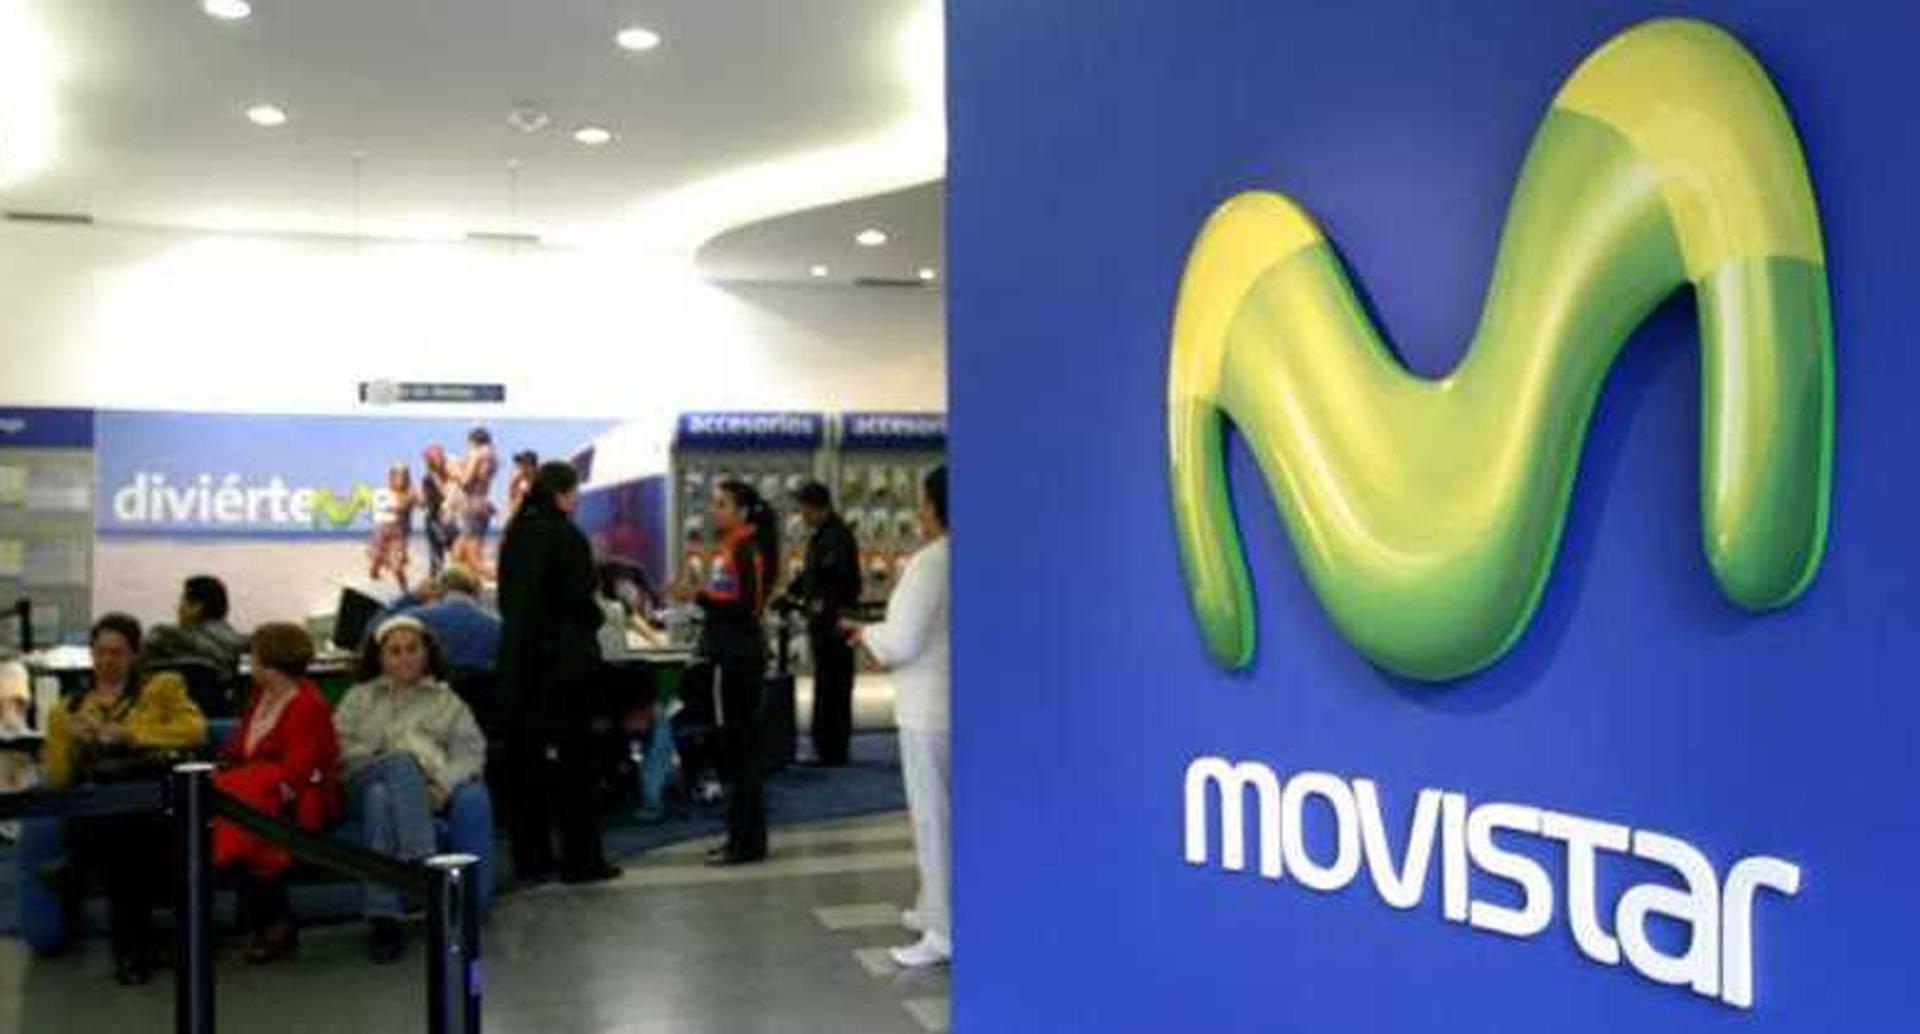 Movistar debe informar a la SIC si utilizó datos errados en otras propuestas comerciales para atraer nuevos clientes.